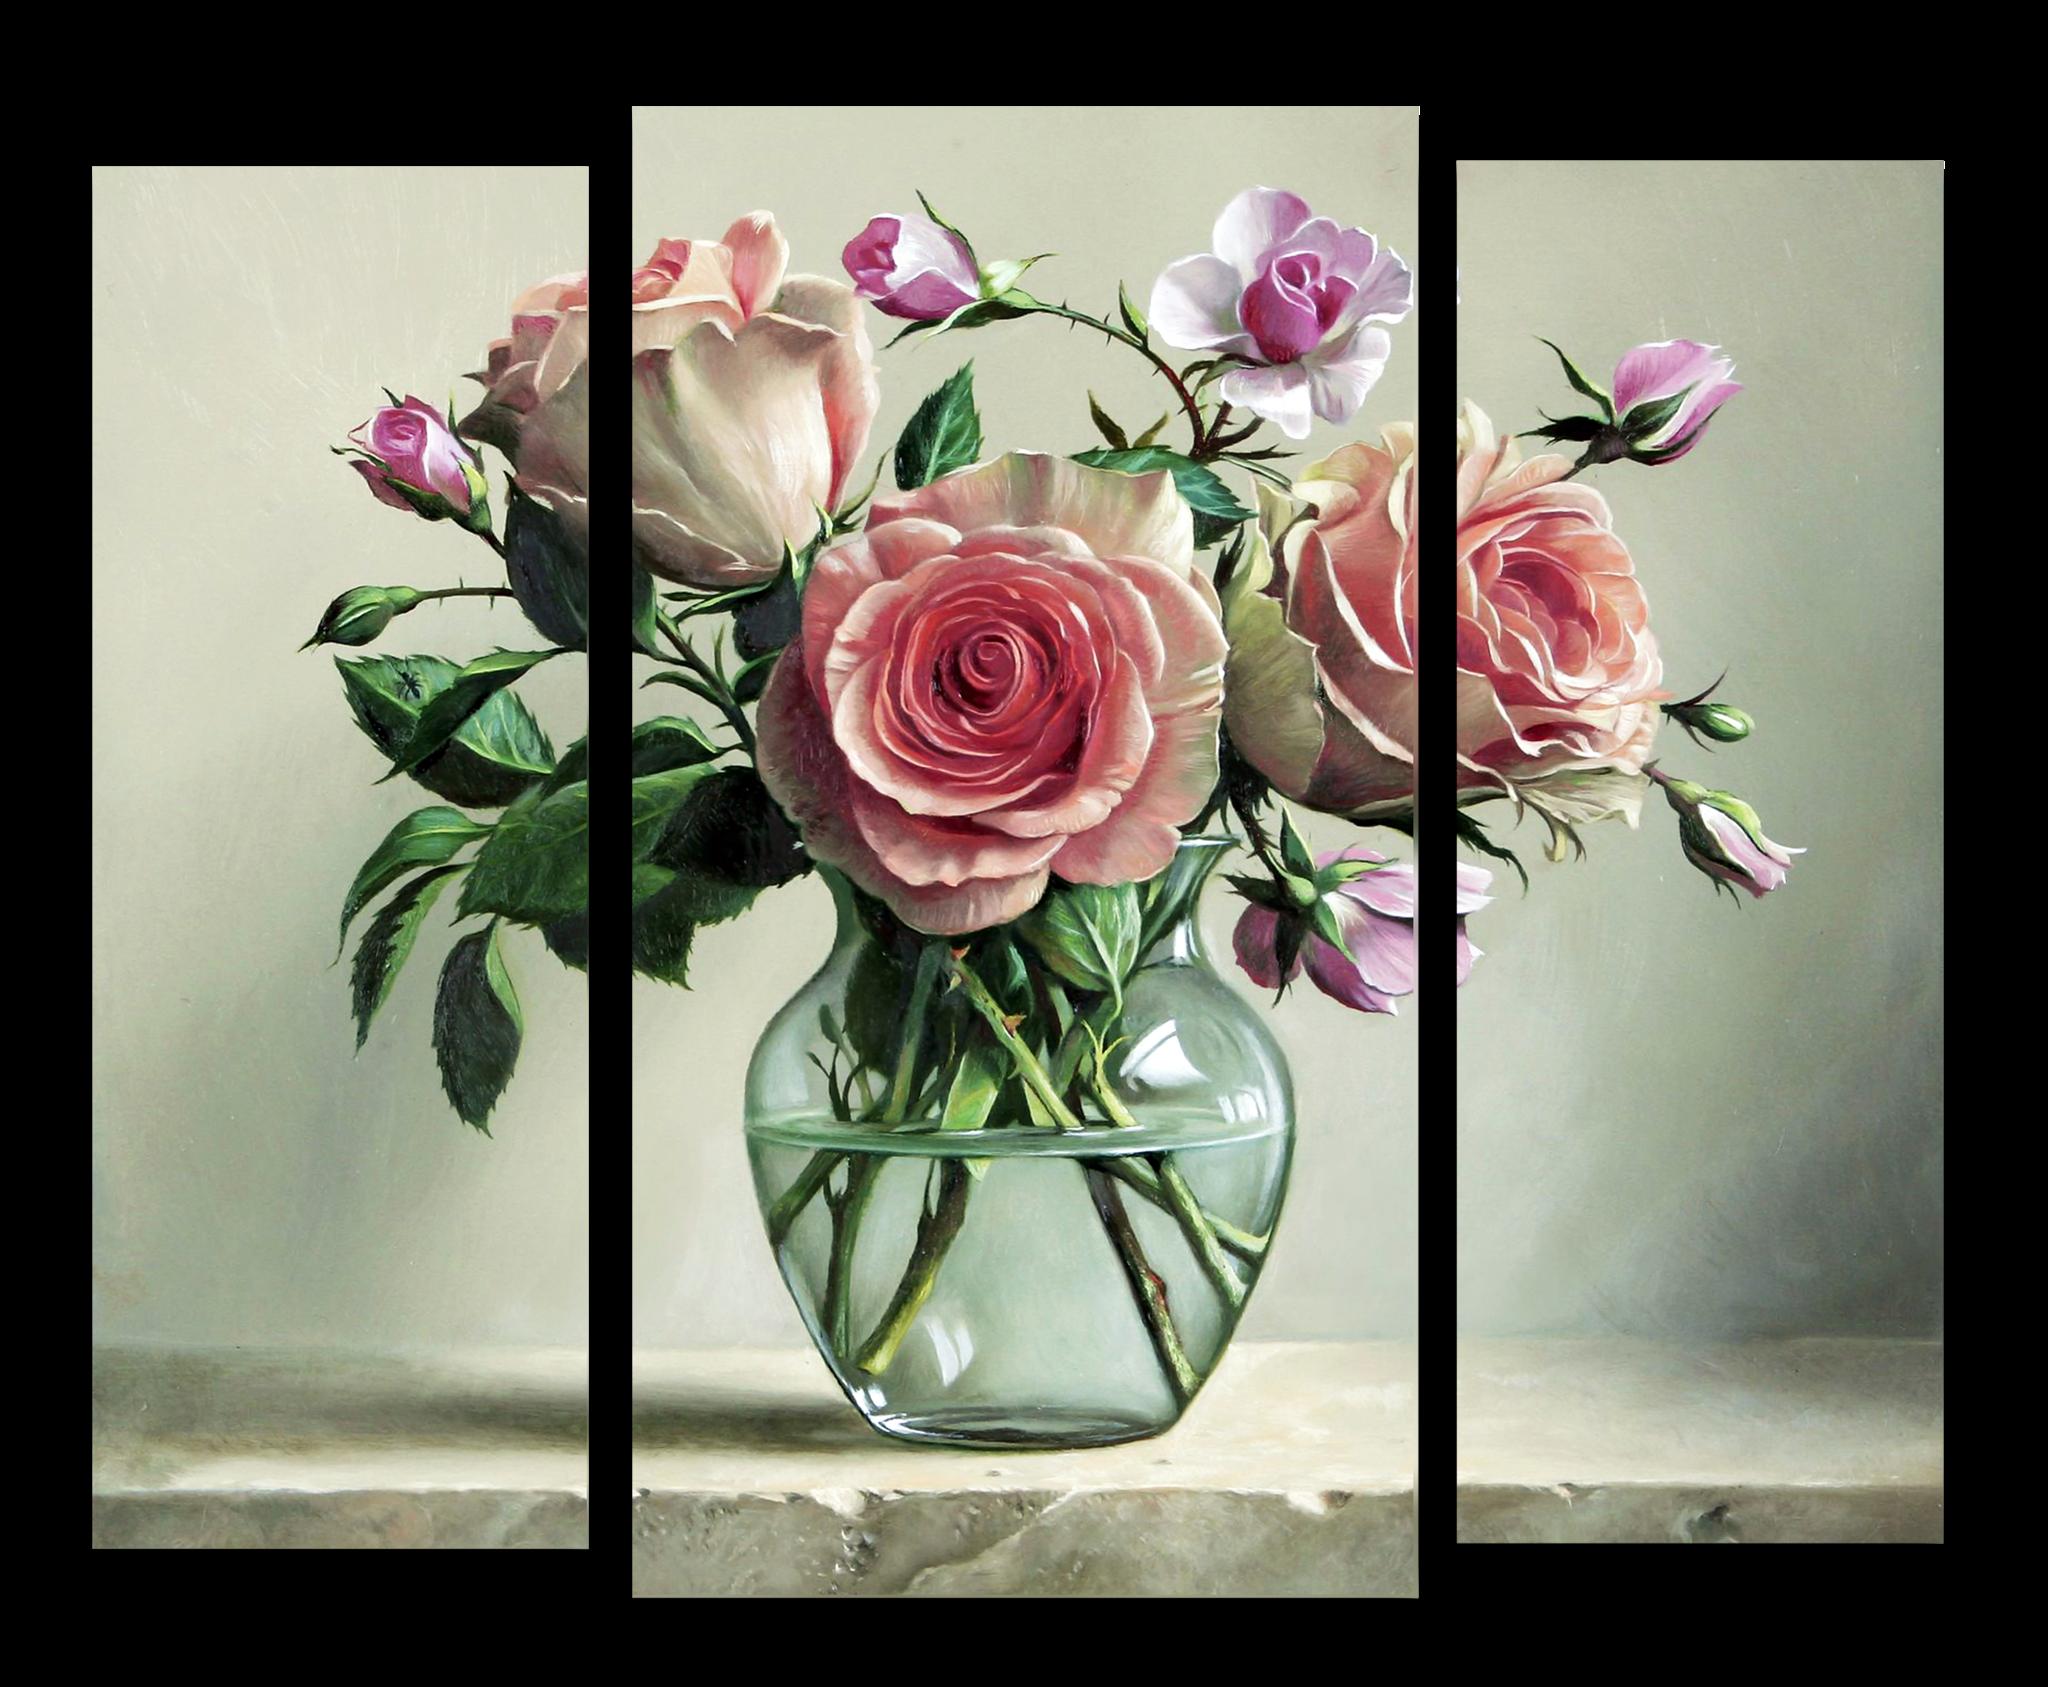 """Цветы Модульная картина """"Розы в стеклянной вазе"""" М1056_M_загибы_90х76.png"""